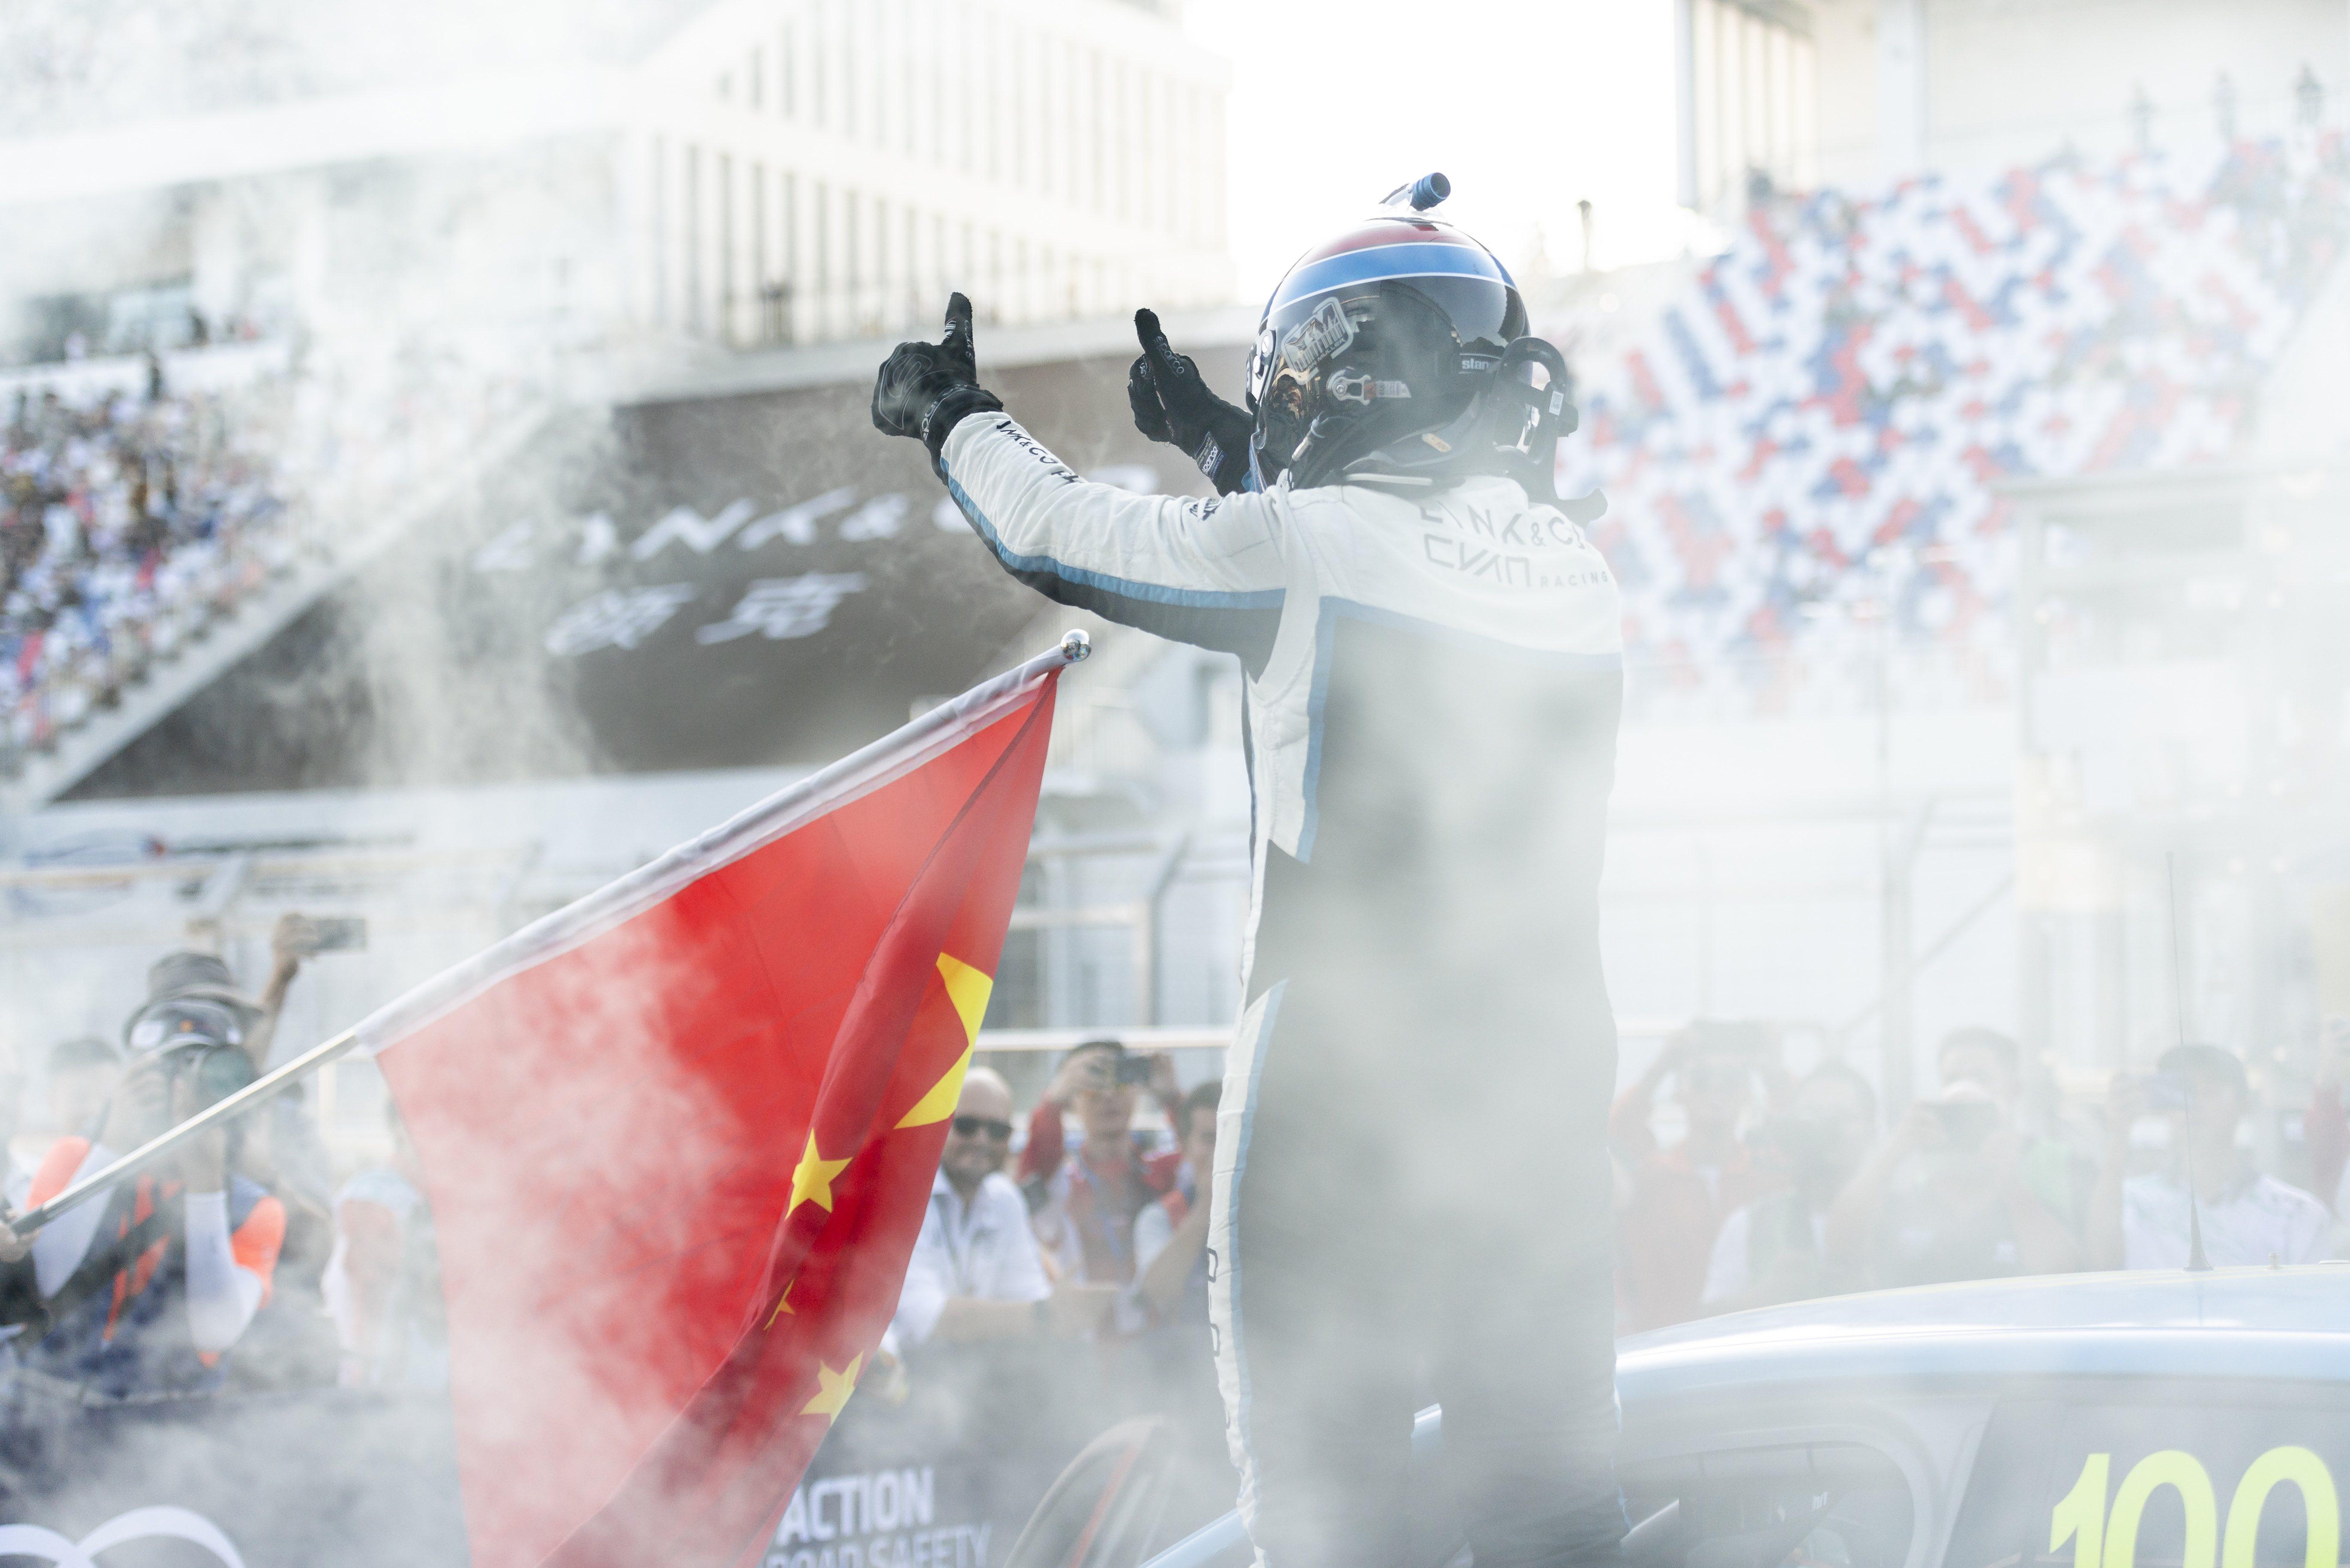 中国吉利参与全球汽车运动竞技 让世界看见中国速度